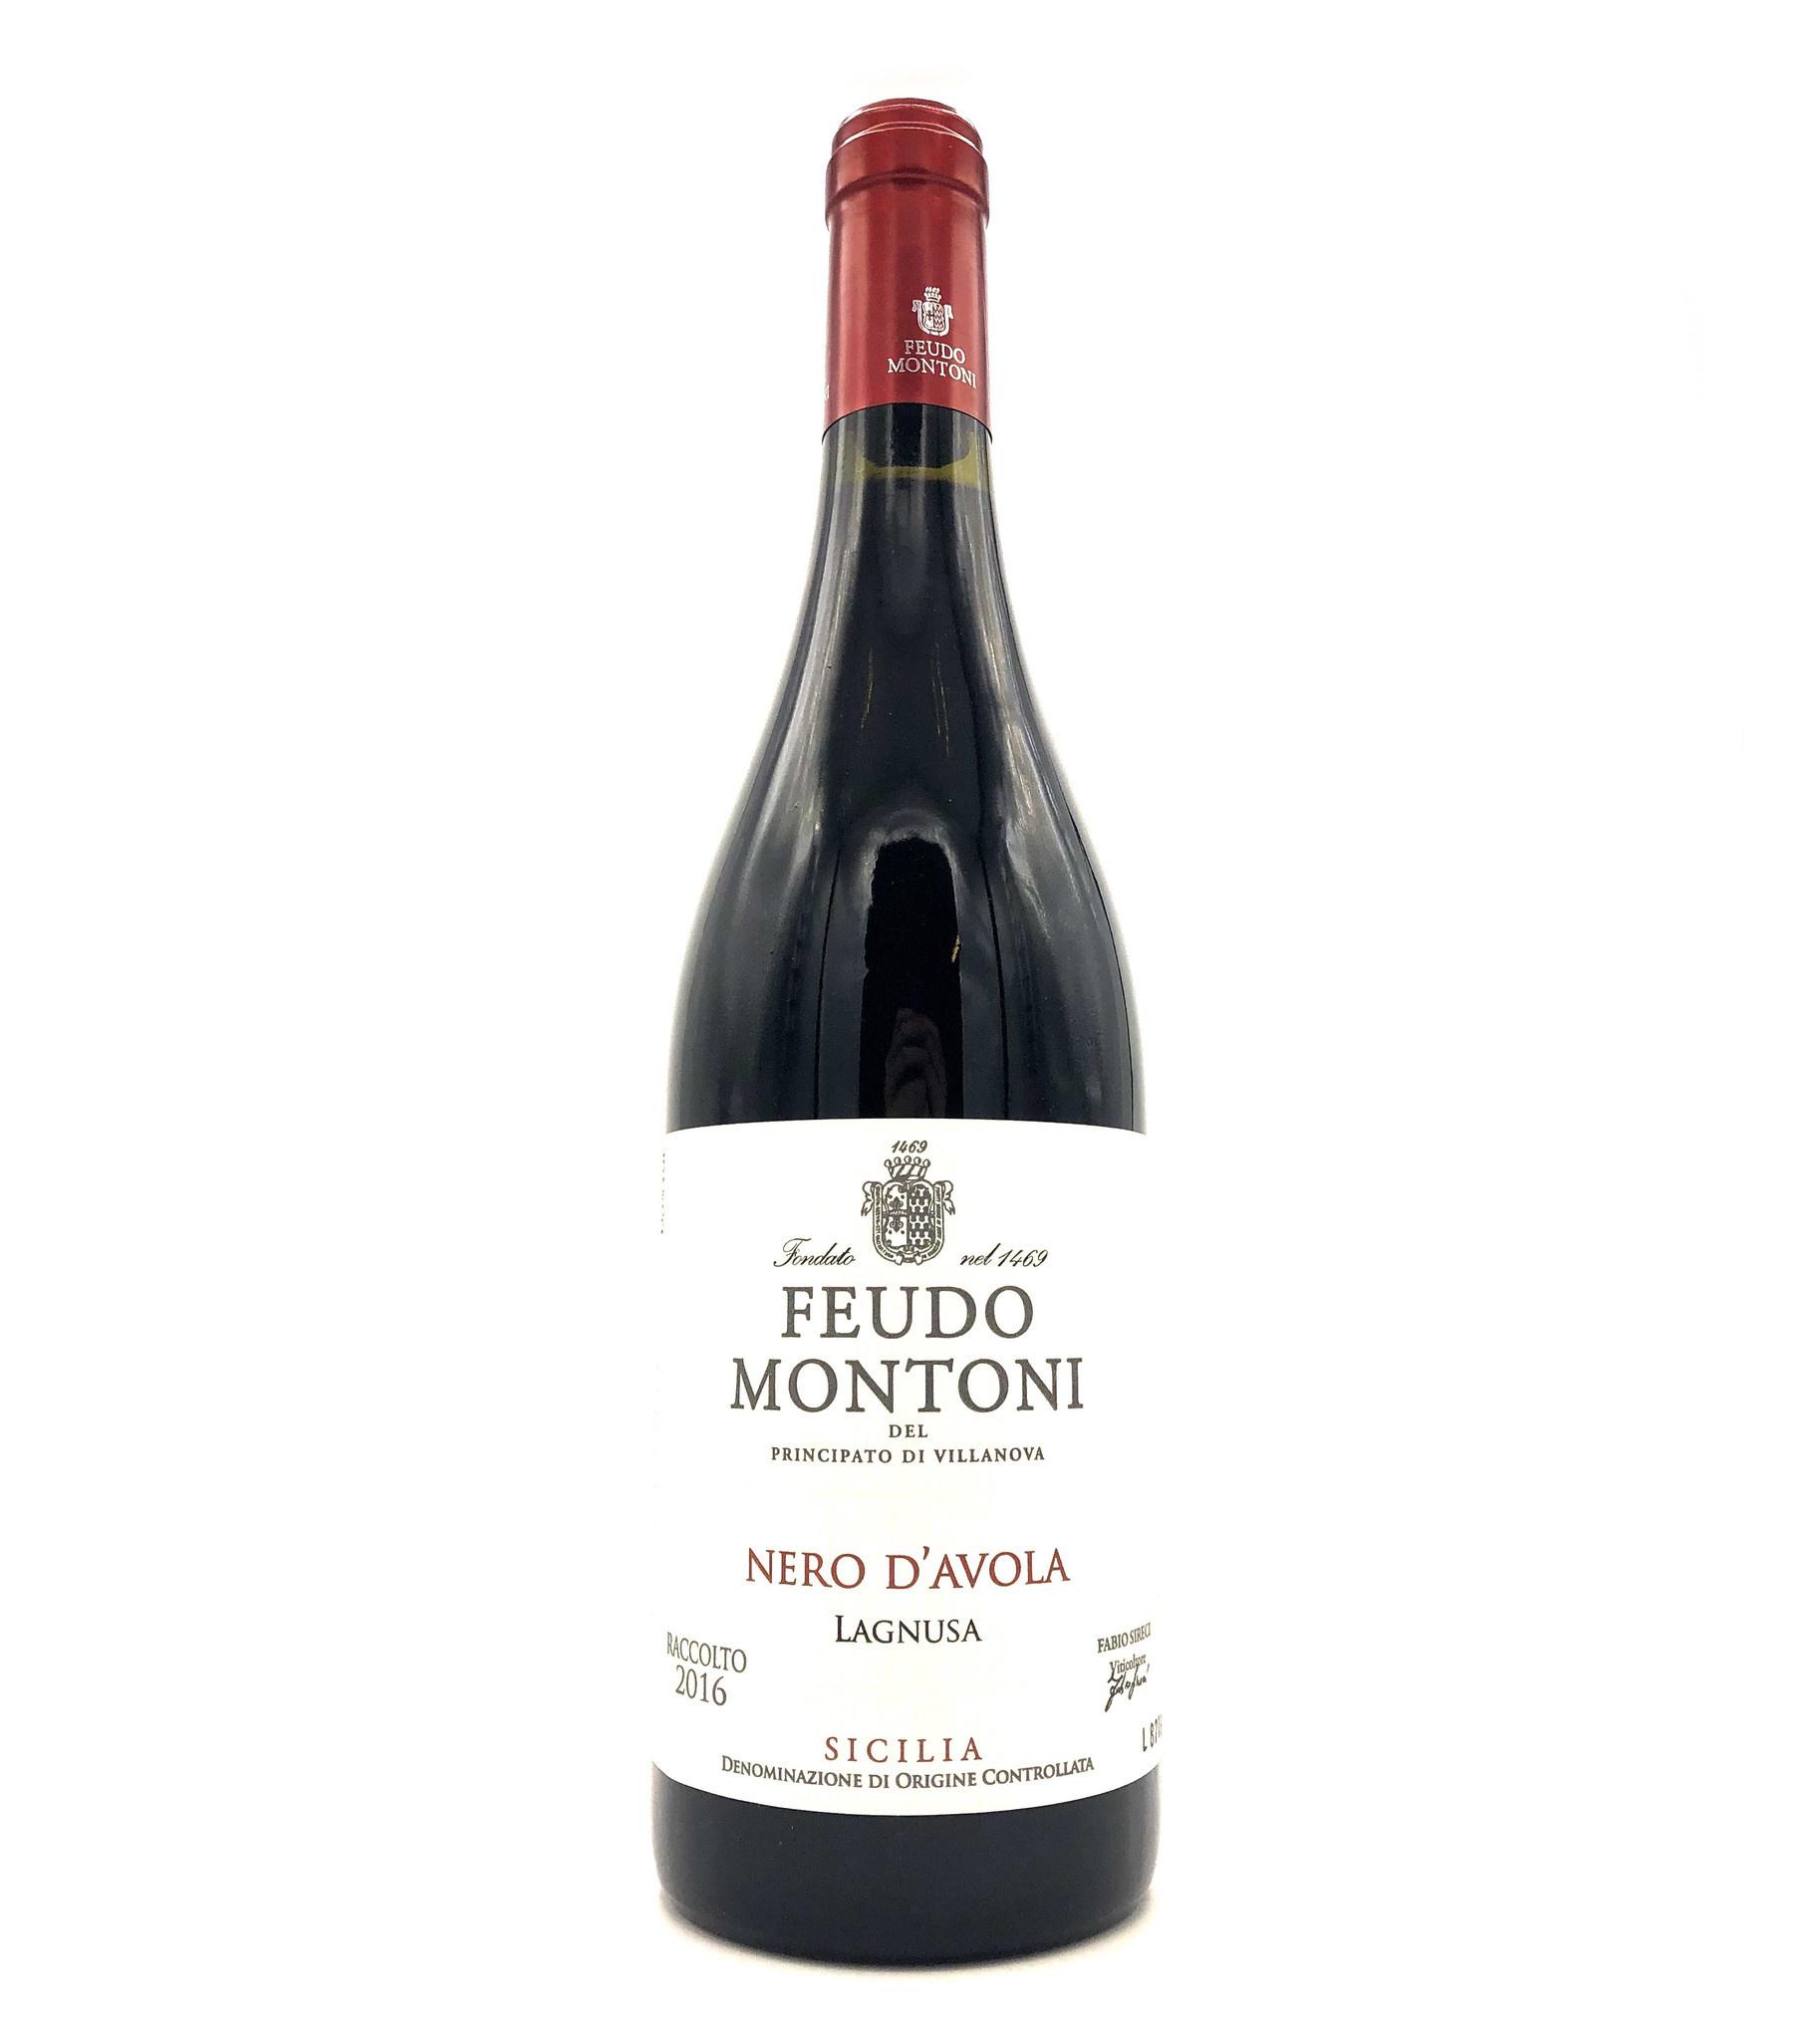 Nero d'Avola 2018 Feudo Montoni